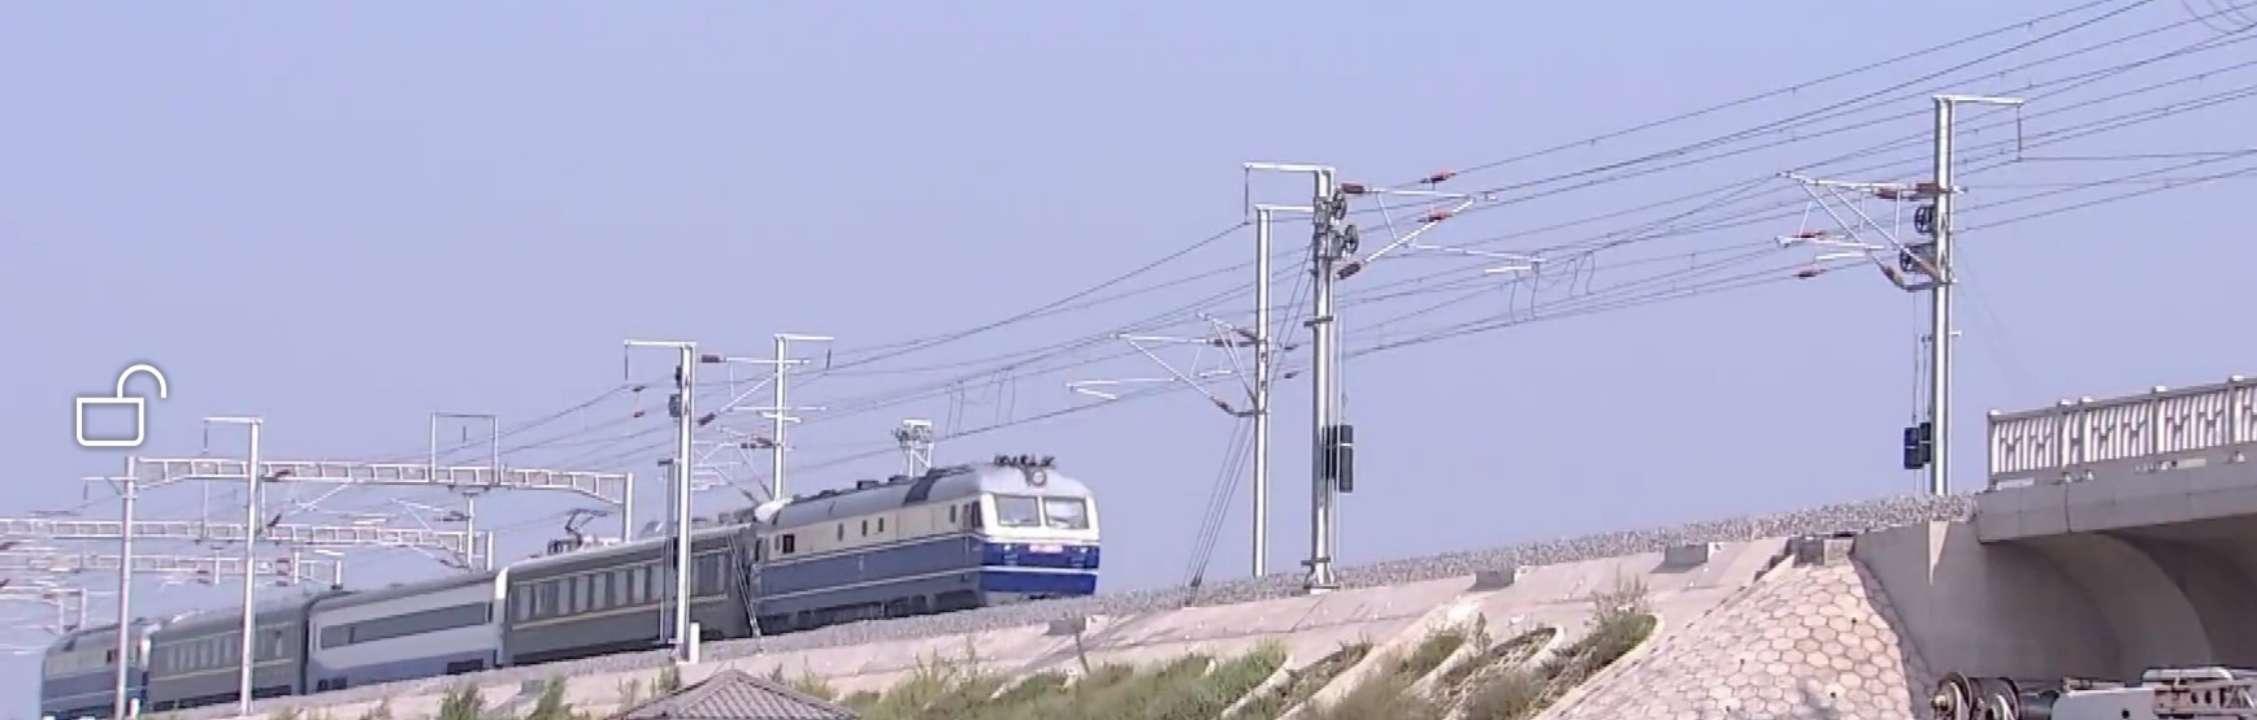 济青高铁开始联调联试 全程11个站点最高时速350公里